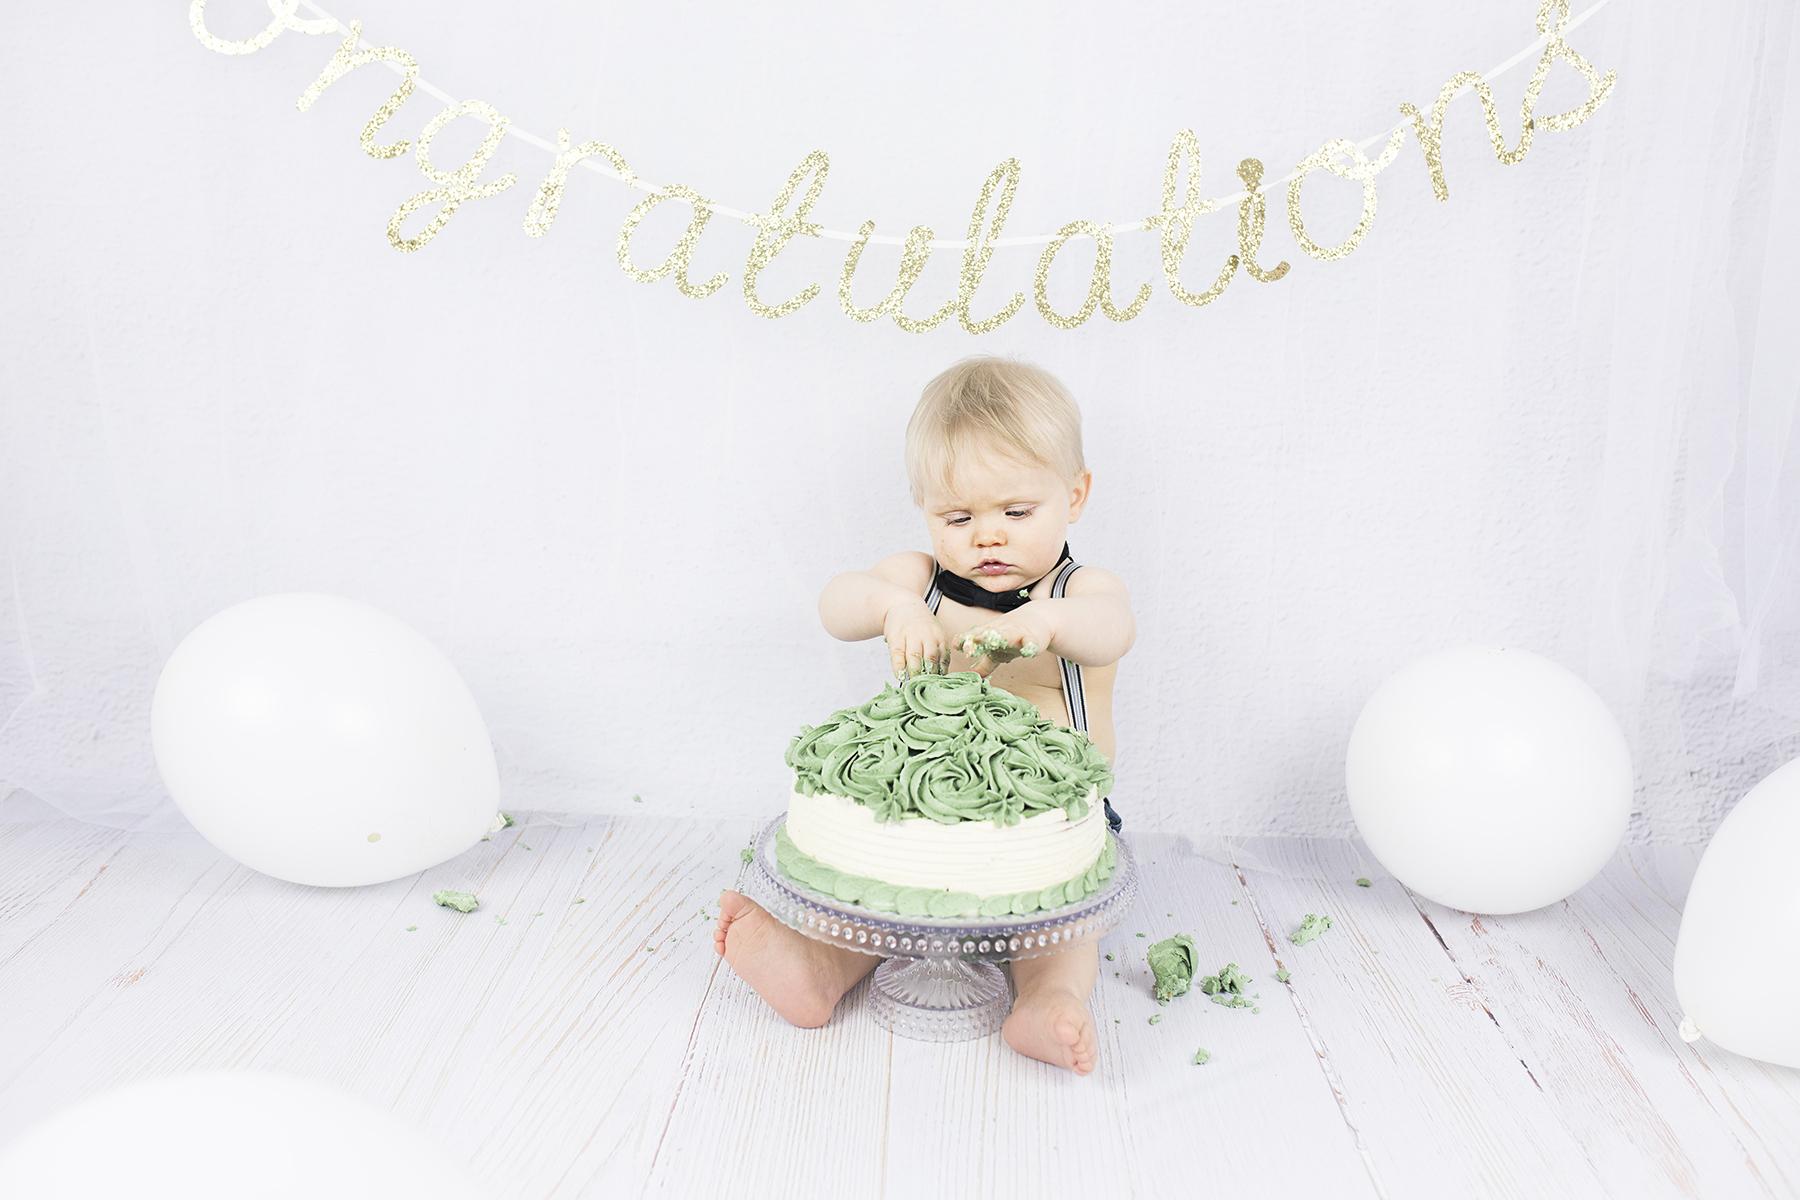 Smash_the_cake_fotografering_1-års fotografering_barnfotografering_göteborg_öcerkö_hönö_västsverige_västkusten_premina_photography_fotograf_emma_ludvigsson9A1062